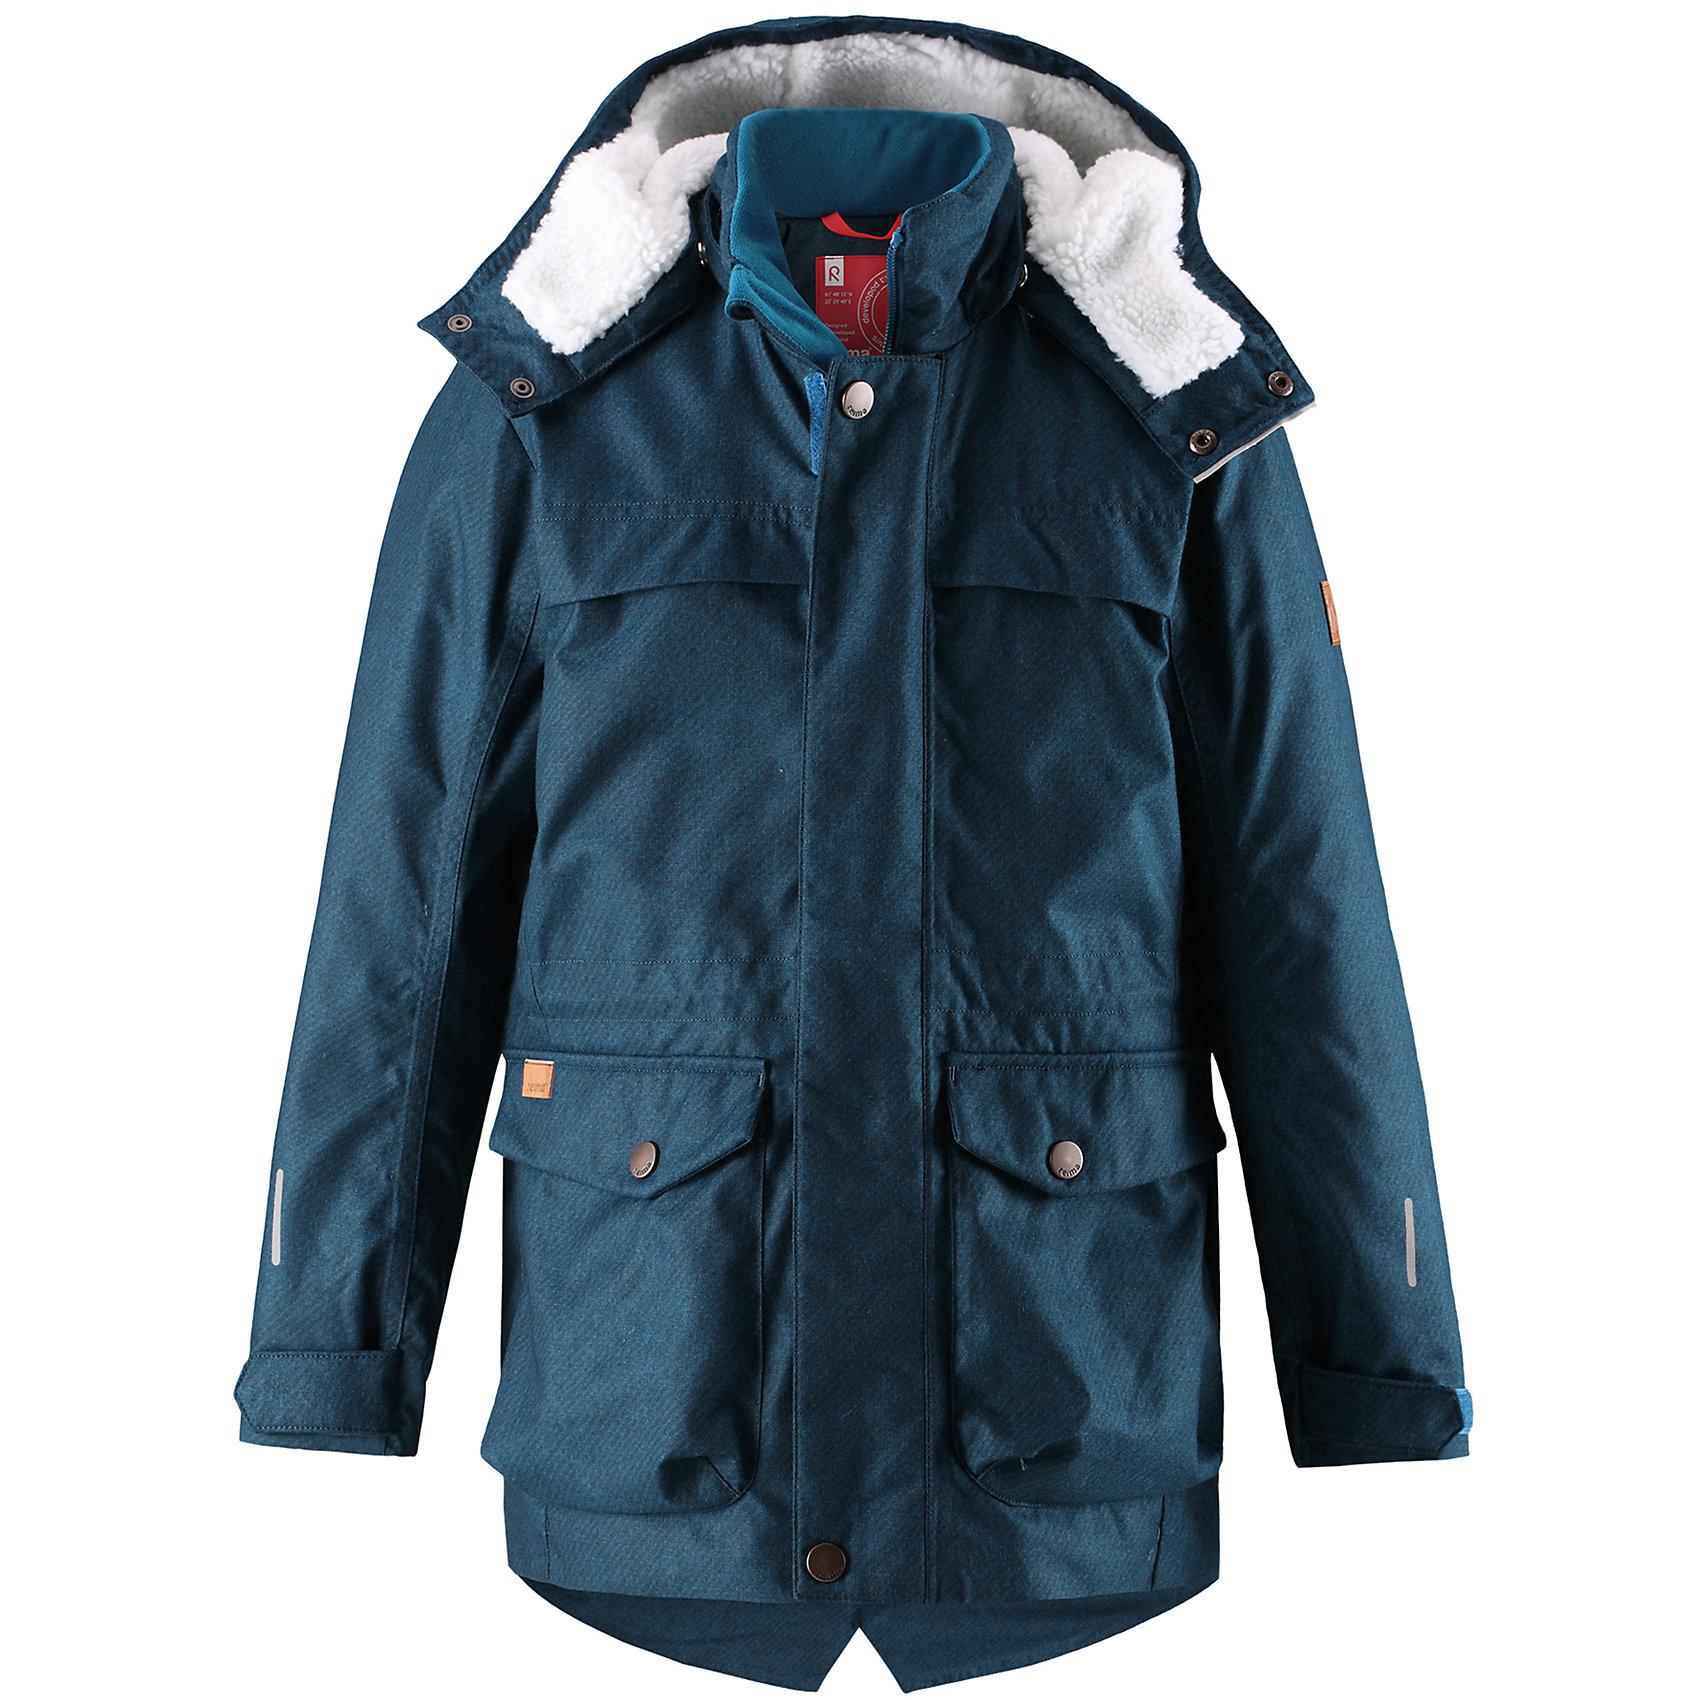 Куртка Pentti Reima для мальчикаОдежда<br>Теплая, водо- и ветронепроницаемая зимняя куртка Reimatec® для детей и подростков. Материал куртки не только водонепроницаемый, ветронепроницаемый и при этом дышащий, но также имеет водо- и грязеотталкивающую поверхность. Все основные швы проклеены, водонепроницаемы. Верхняя часть куртки и капюшон подбиты теплой стеганой подкладкой. <br><br>Куртка снабжена съемным капюшоном, что обеспечивает дополнительную безопасность во время активных прогулок – капюшон легко отстегивается, если случайно за что-нибудь зацепится. Образ довершают практичные детали: завязки на талии, два больших кармана с клапанами, длинная молния высокого качества и светоотражающие элементы.<br>Состав:<br>100% Полиэстер<br><br>Ширина мм: 356<br>Глубина мм: 10<br>Высота мм: 245<br>Вес г: 519<br>Цвет: синий<br>Возраст от месяцев: 156<br>Возраст до месяцев: 168<br>Пол: Мужской<br>Возраст: Детский<br>Размер: 164,104,110,116,122,128,134,140,146,152,158<br>SKU: 6903100